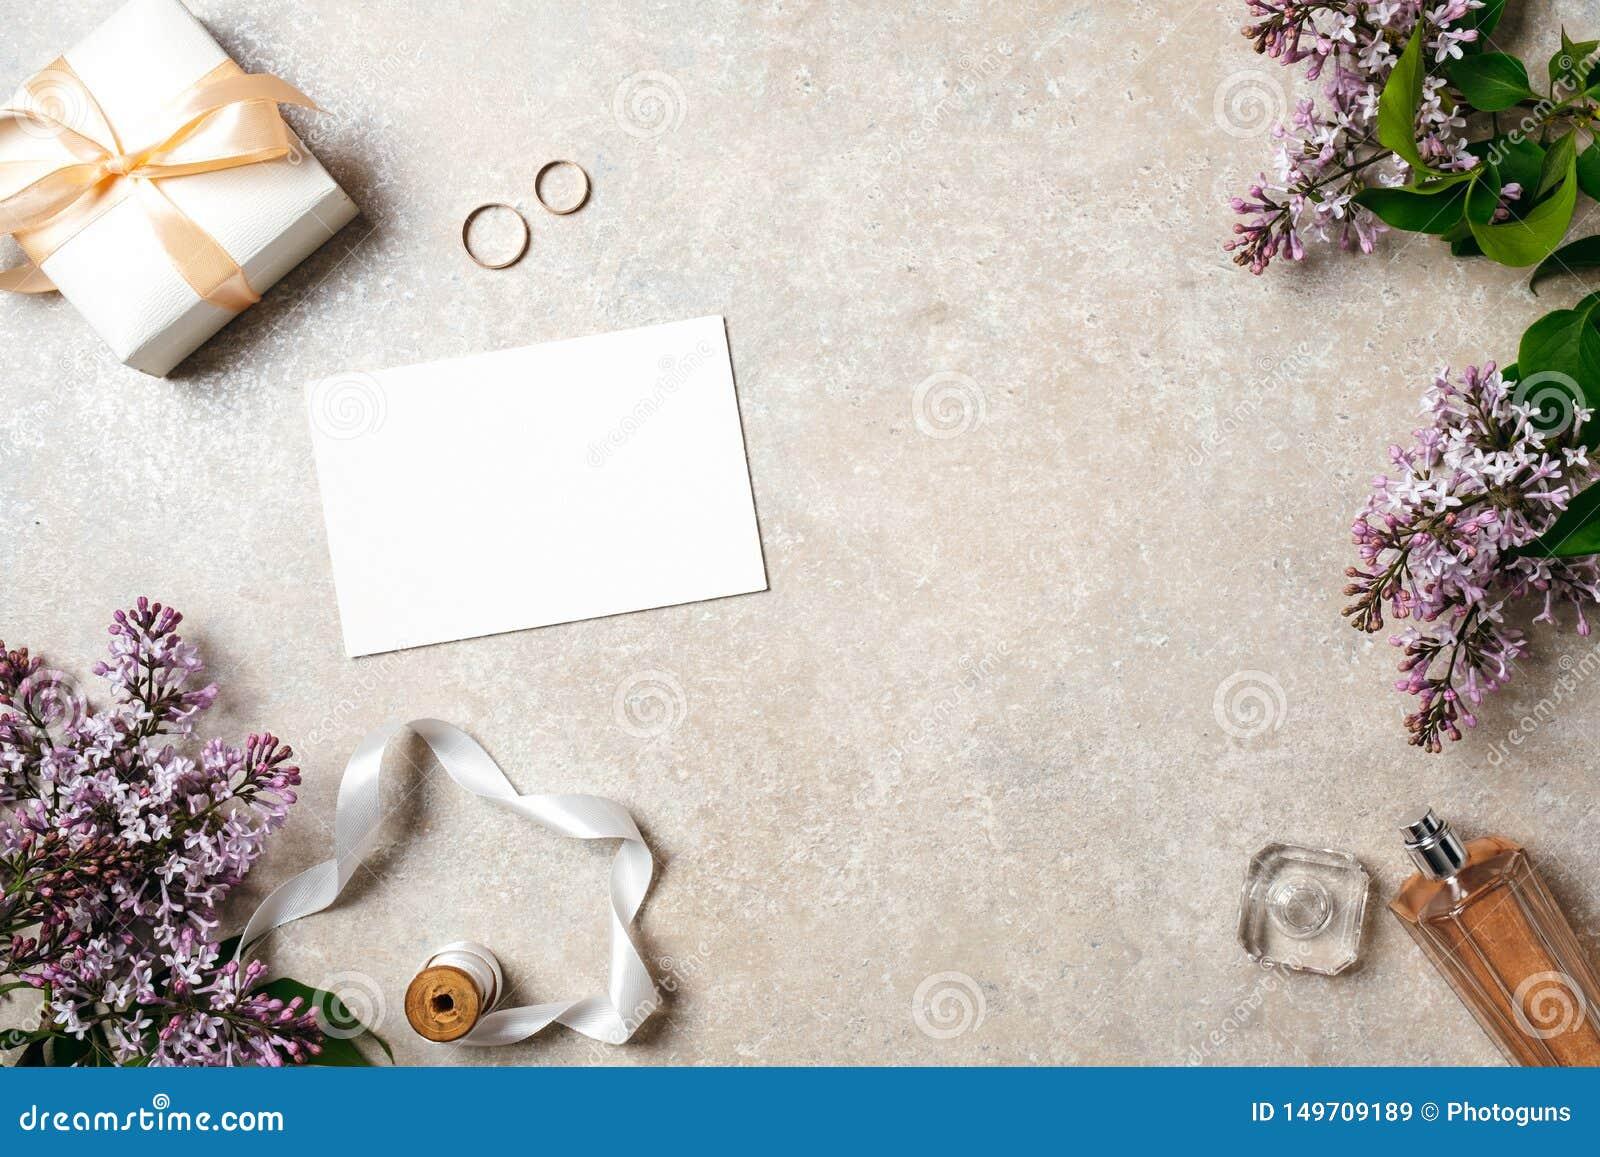 有婚礼辅助部件、白纸卡片、圆环和春天淡紫色花的女性书桌 婚礼概念,请帖嘲笑